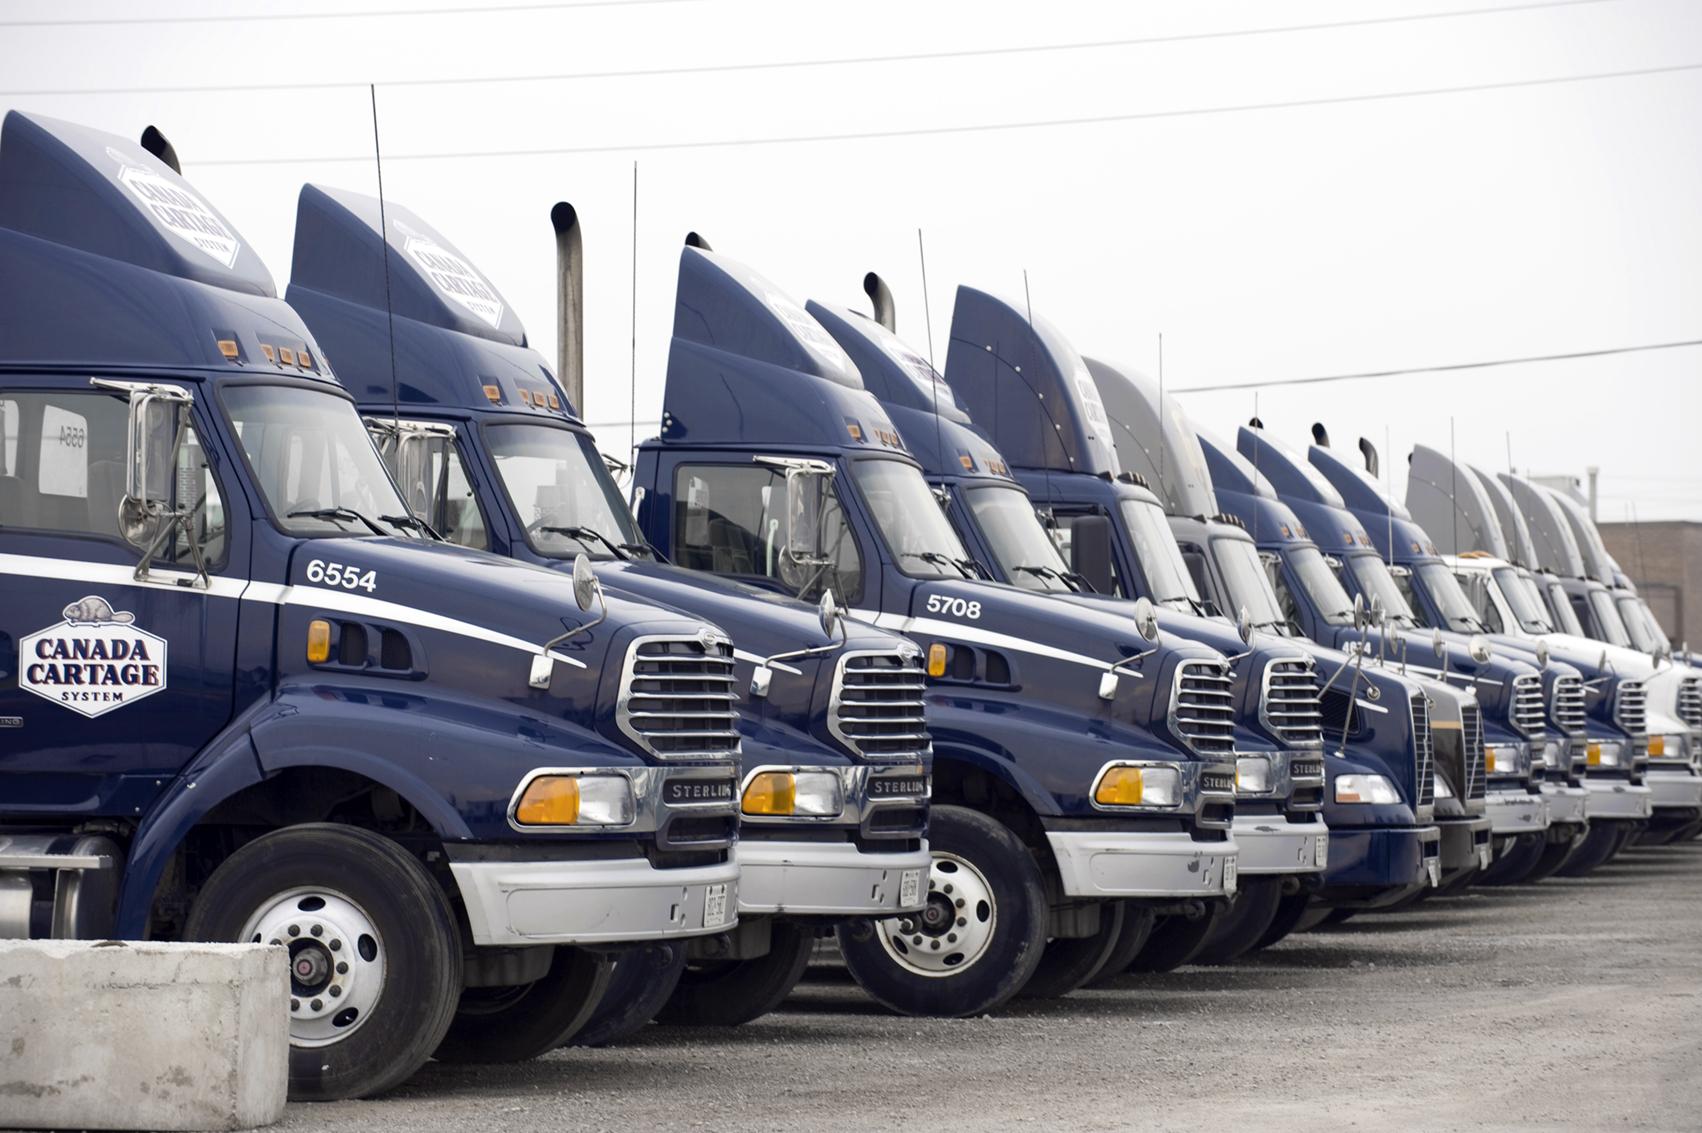 Tractor Trailer Pre Trip Inspection Diagram How To Perform A Pre Trip Inspection For Truck Drivers Canada Cartage